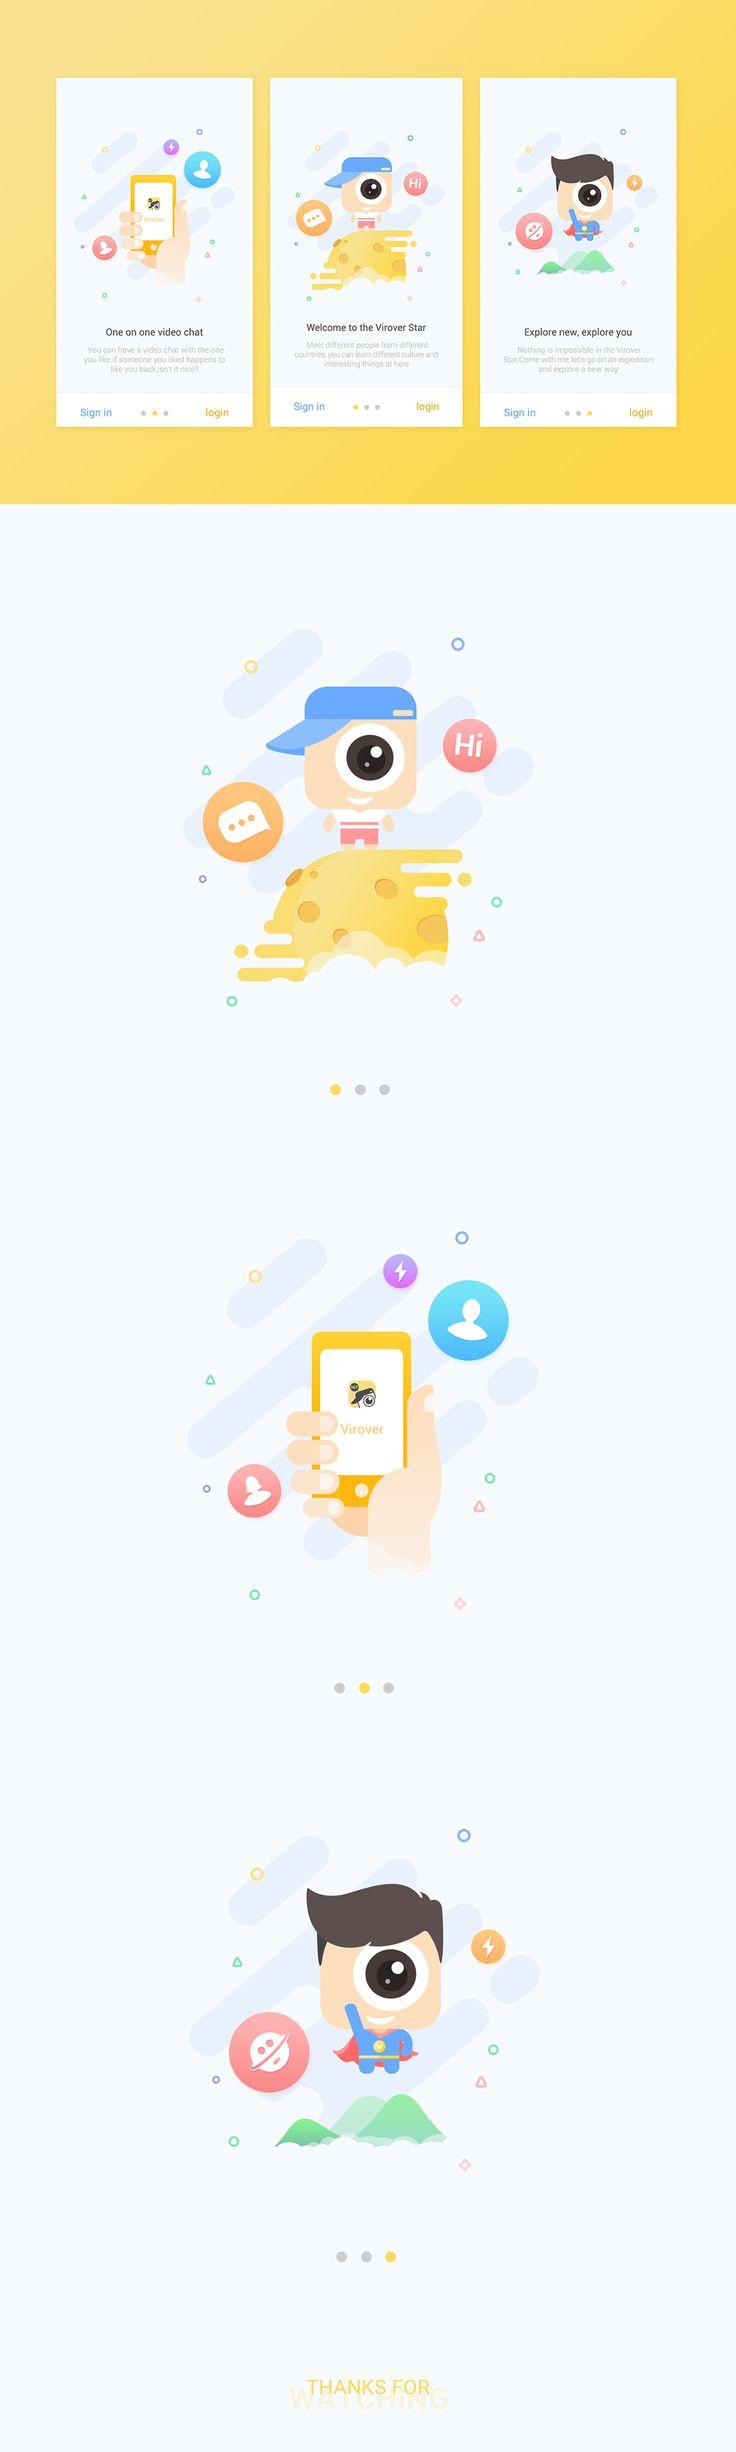 Virirover App Guide Design on Behance